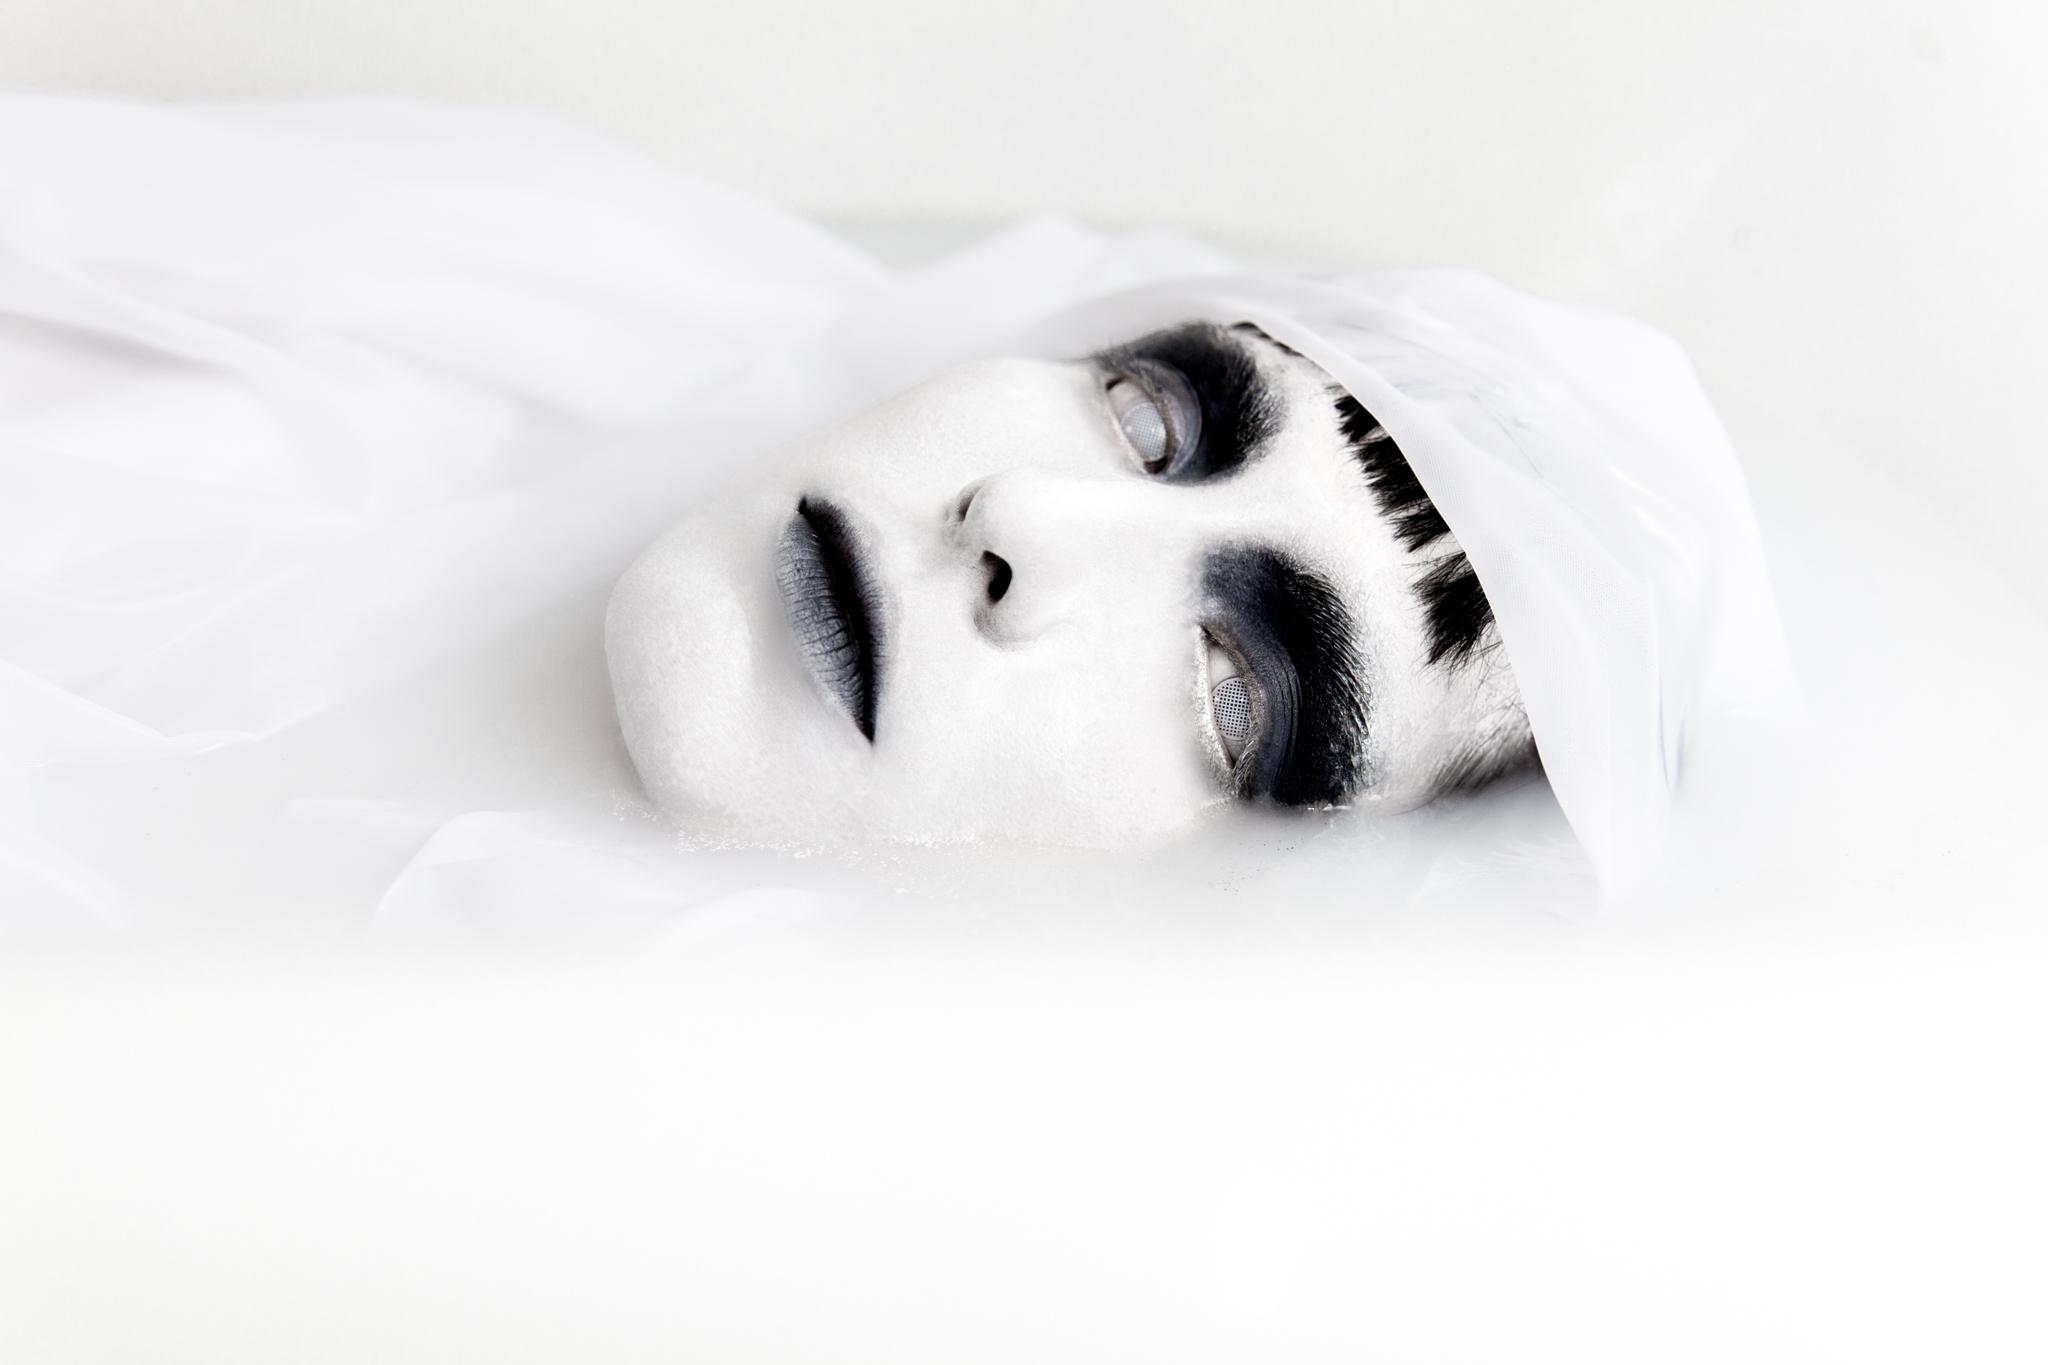 whomstudio_lisa-martin_milk-ghost_0024_2048.jpg